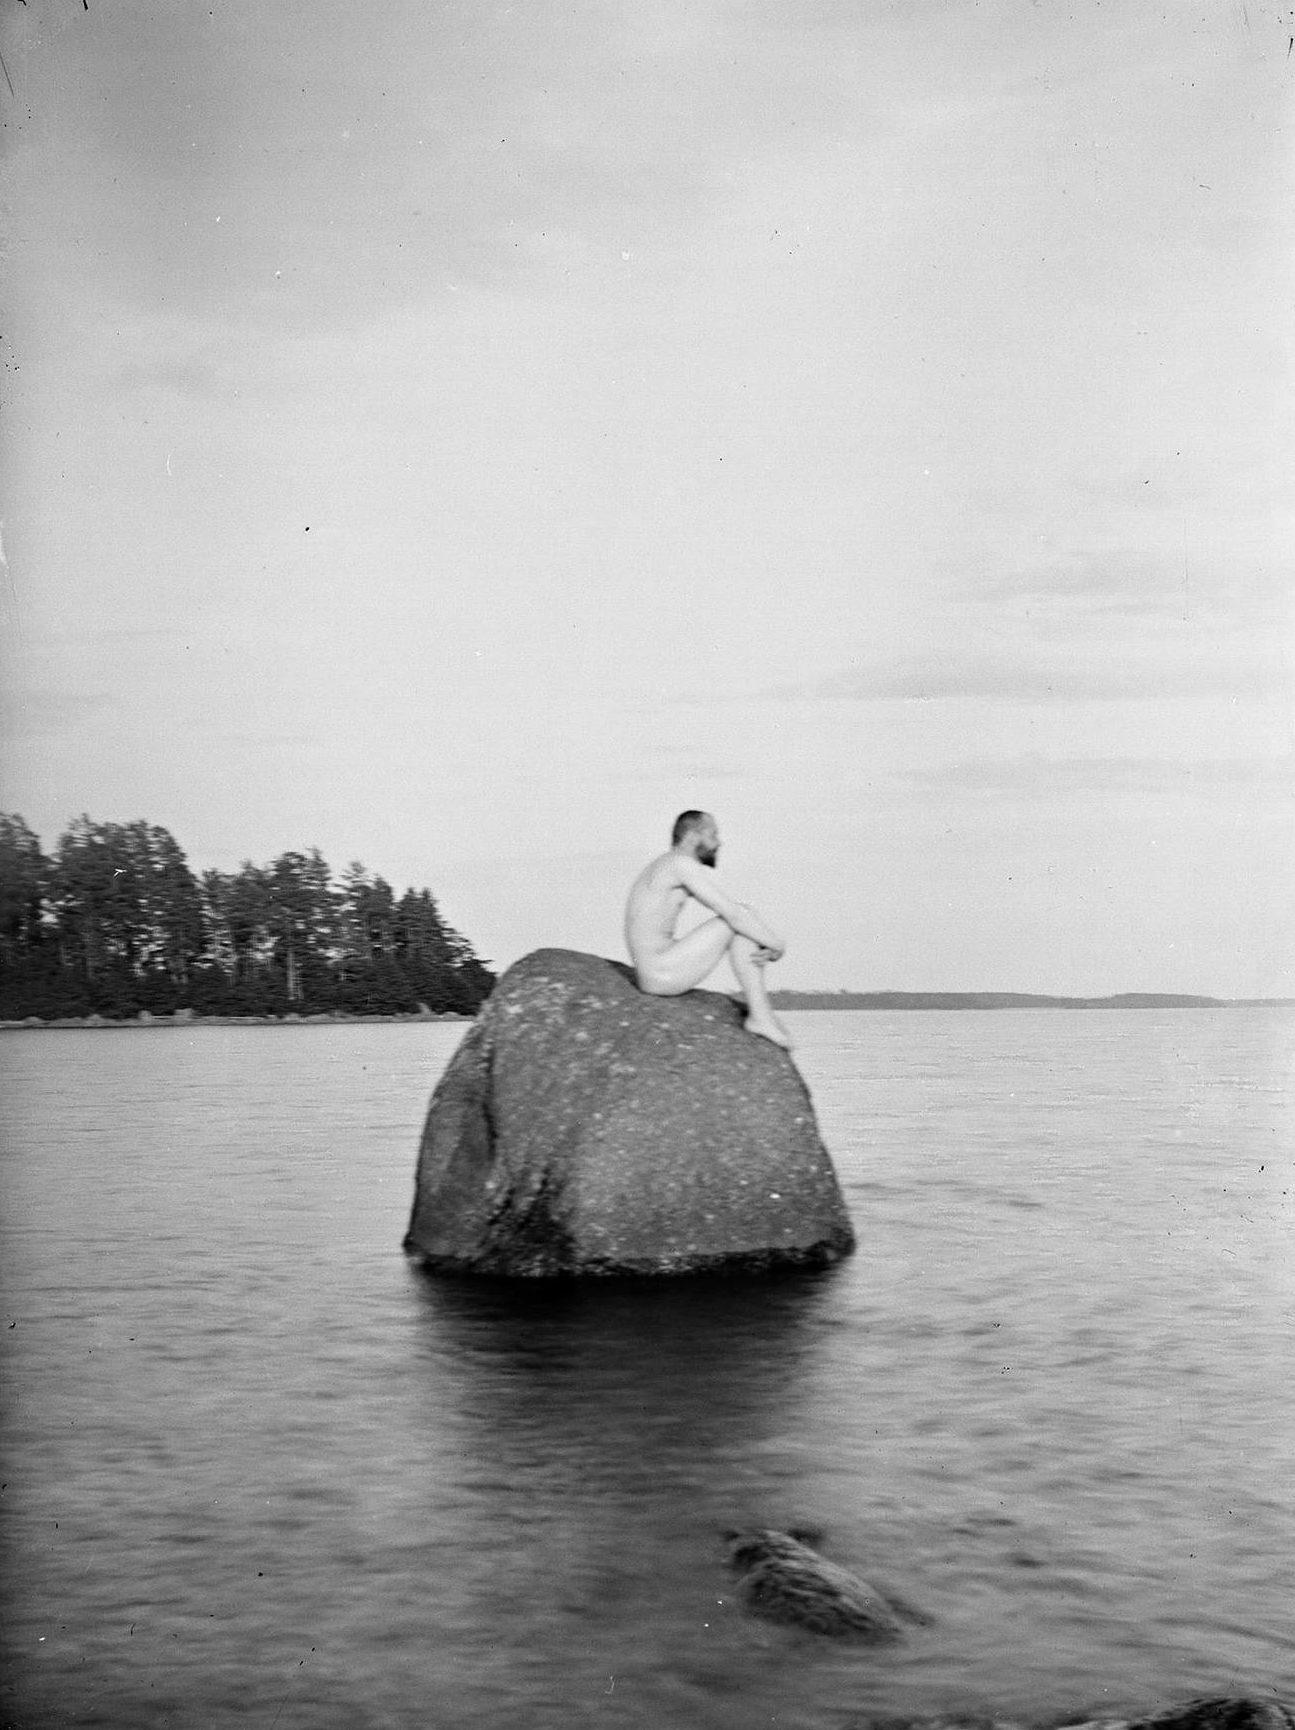 Hugo Simberg: Omakuva siirtolohkareella. Säkkijärvi, Niemenlautta, 1900. Kansallisgalleria.